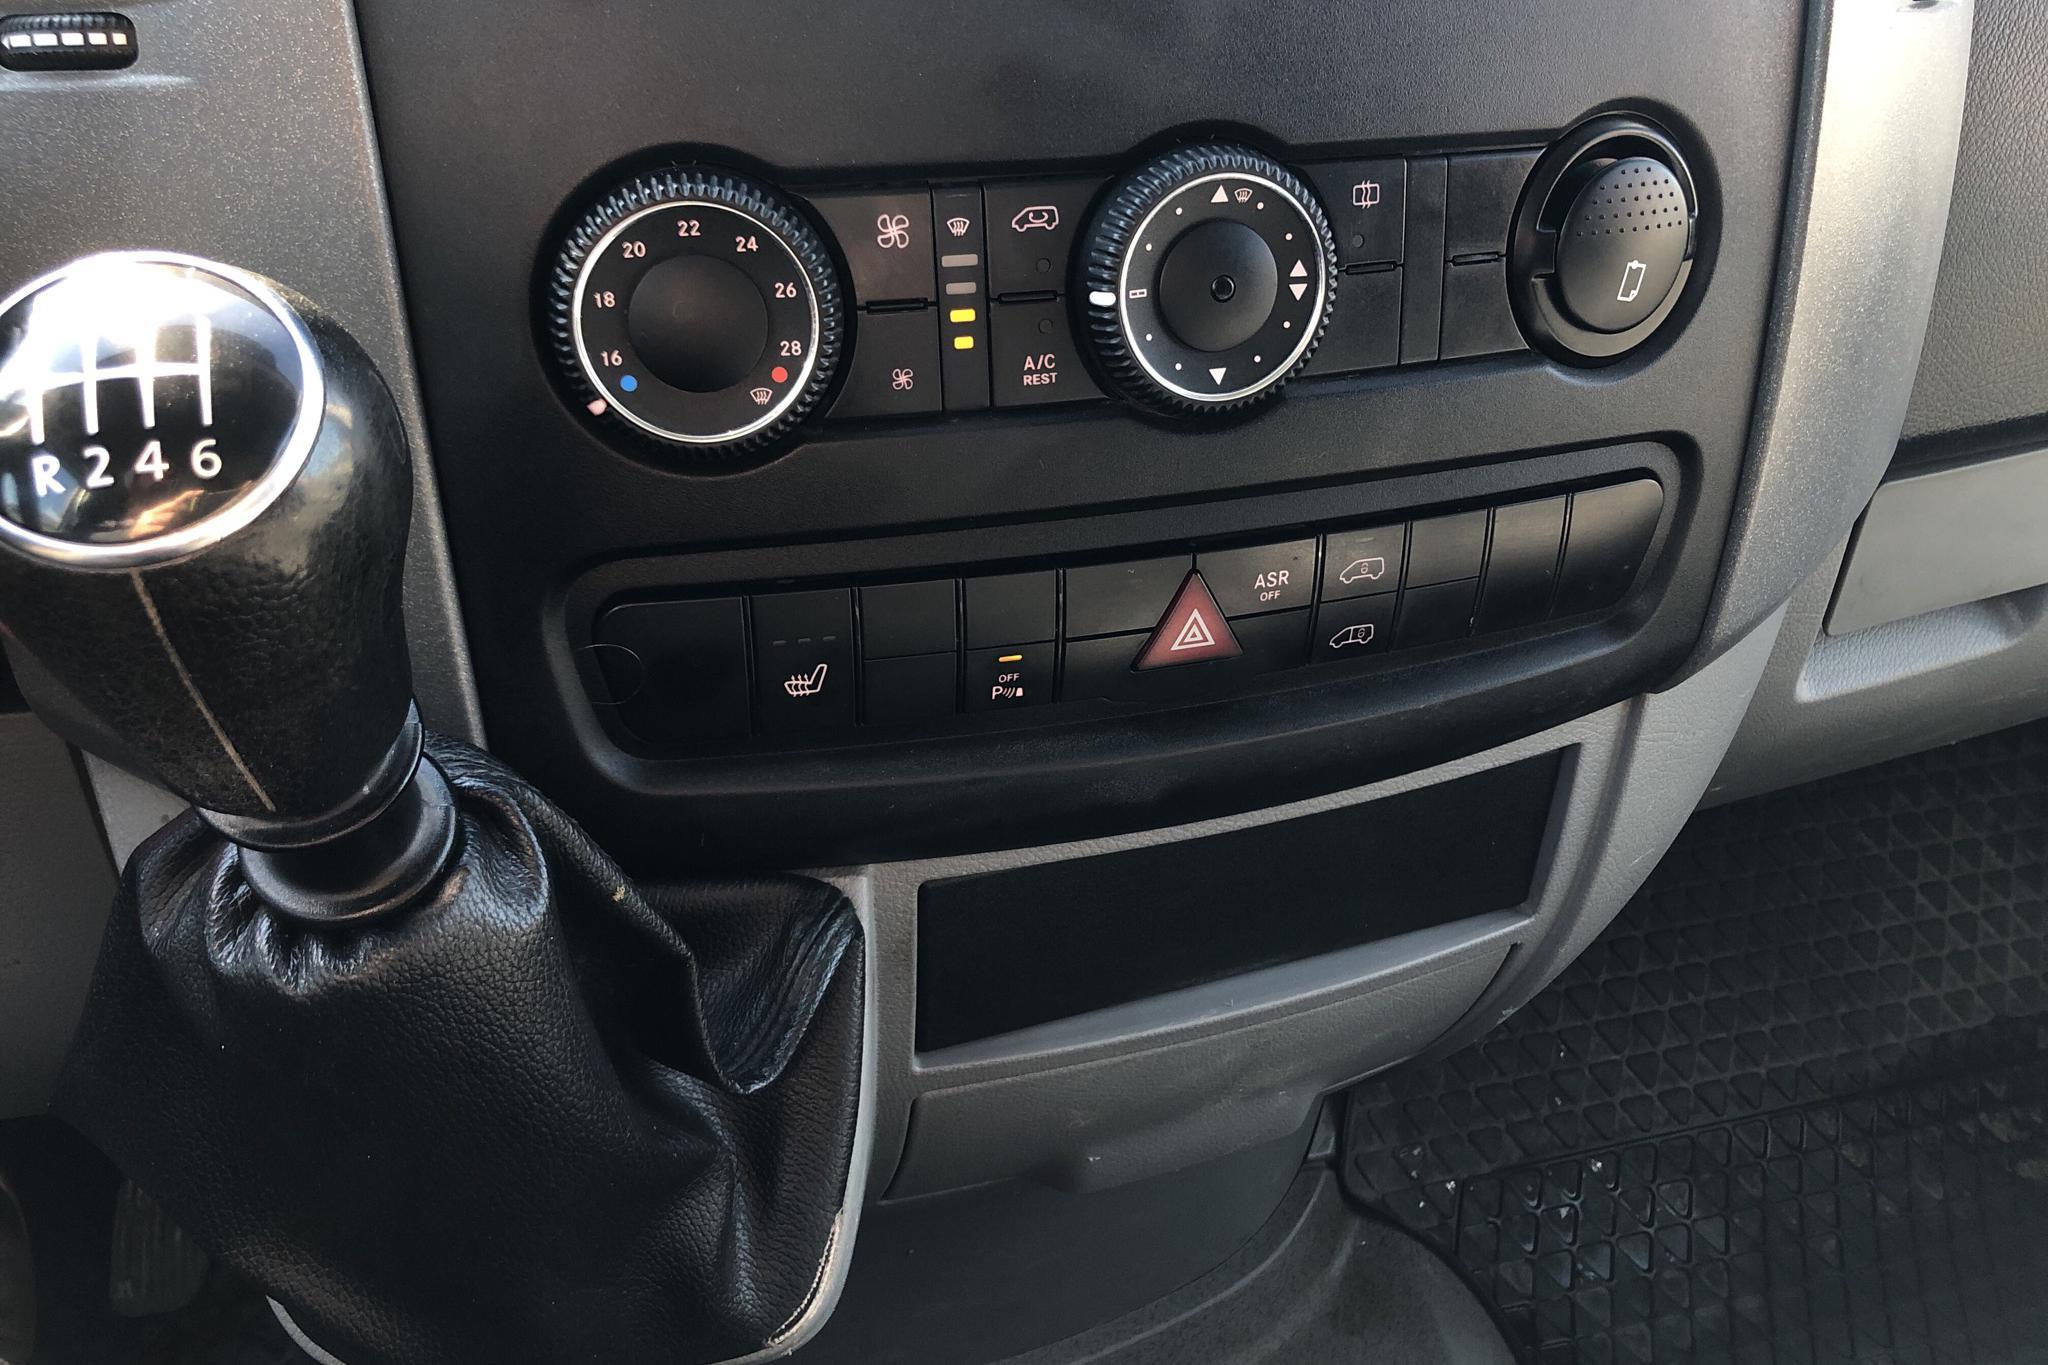 VW Crafter 35 2.0 TDI Skåp (109hk) - 16 917 mil - Manuell - vit - 2015